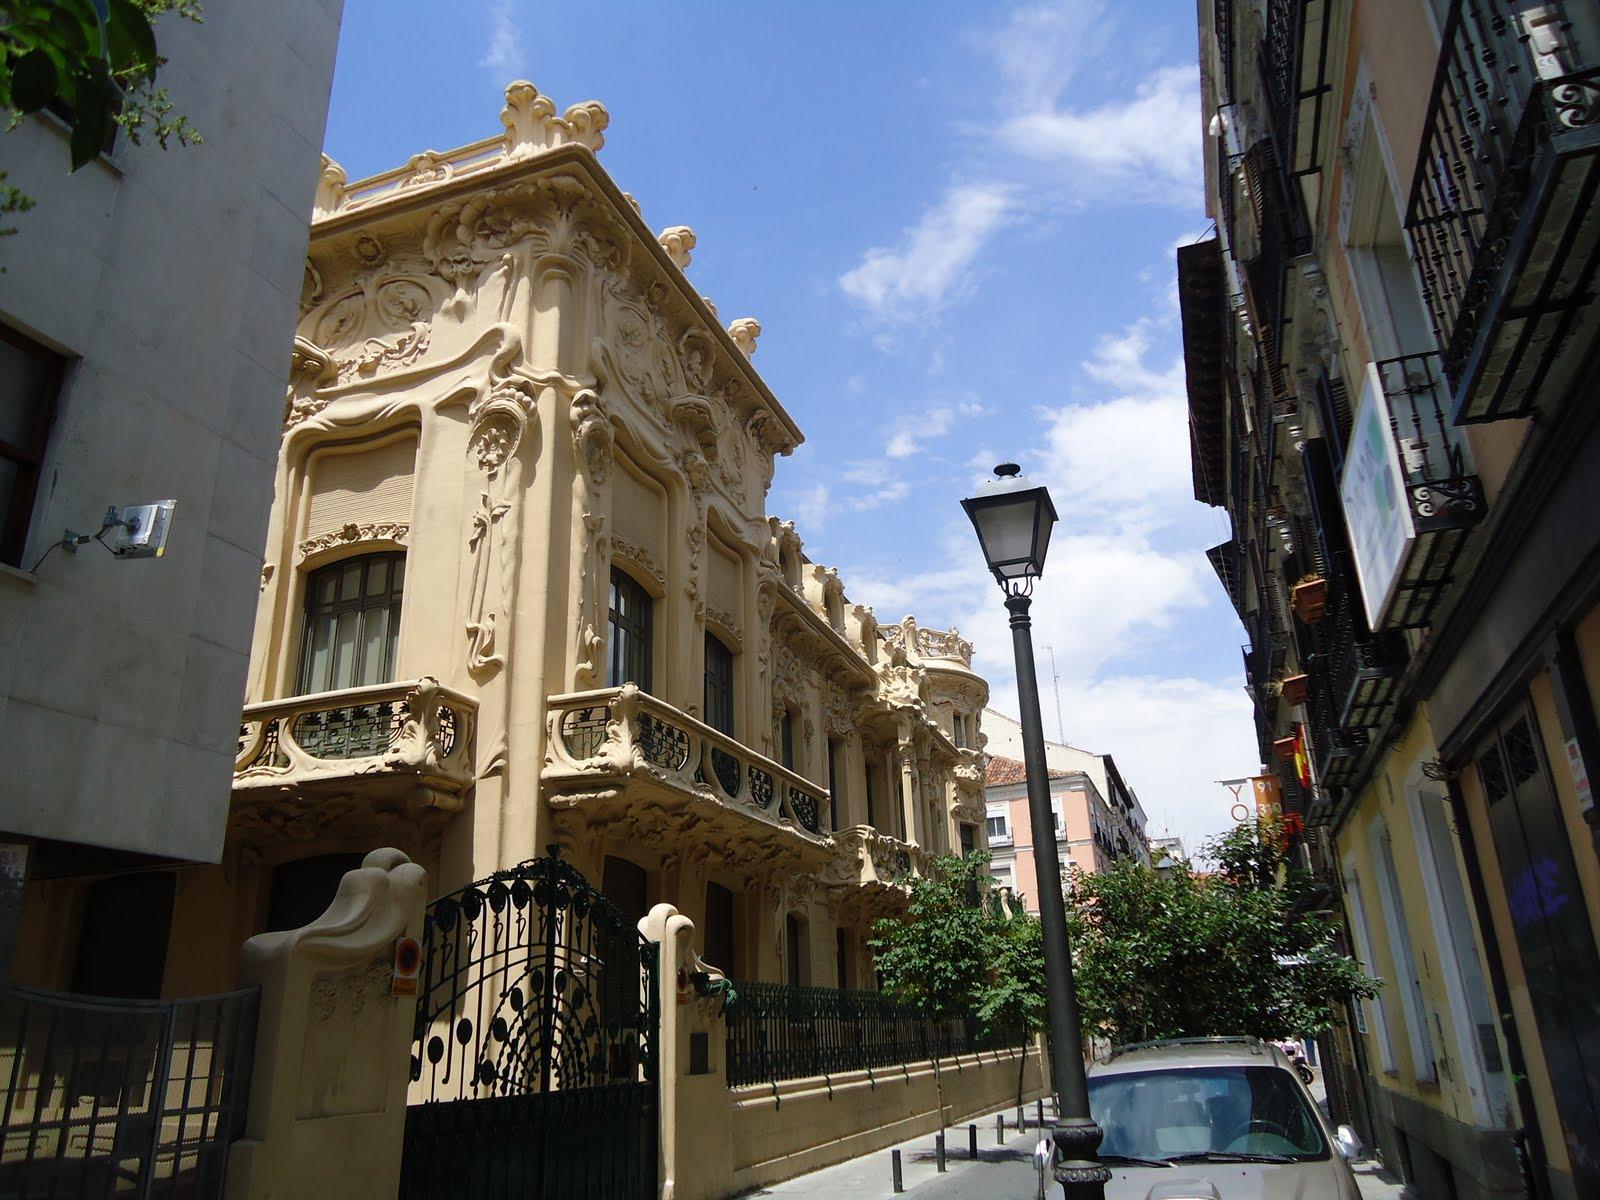 Cosas que nunca te dije edificios singulares de madrid iv - Casas singulares madrid ...